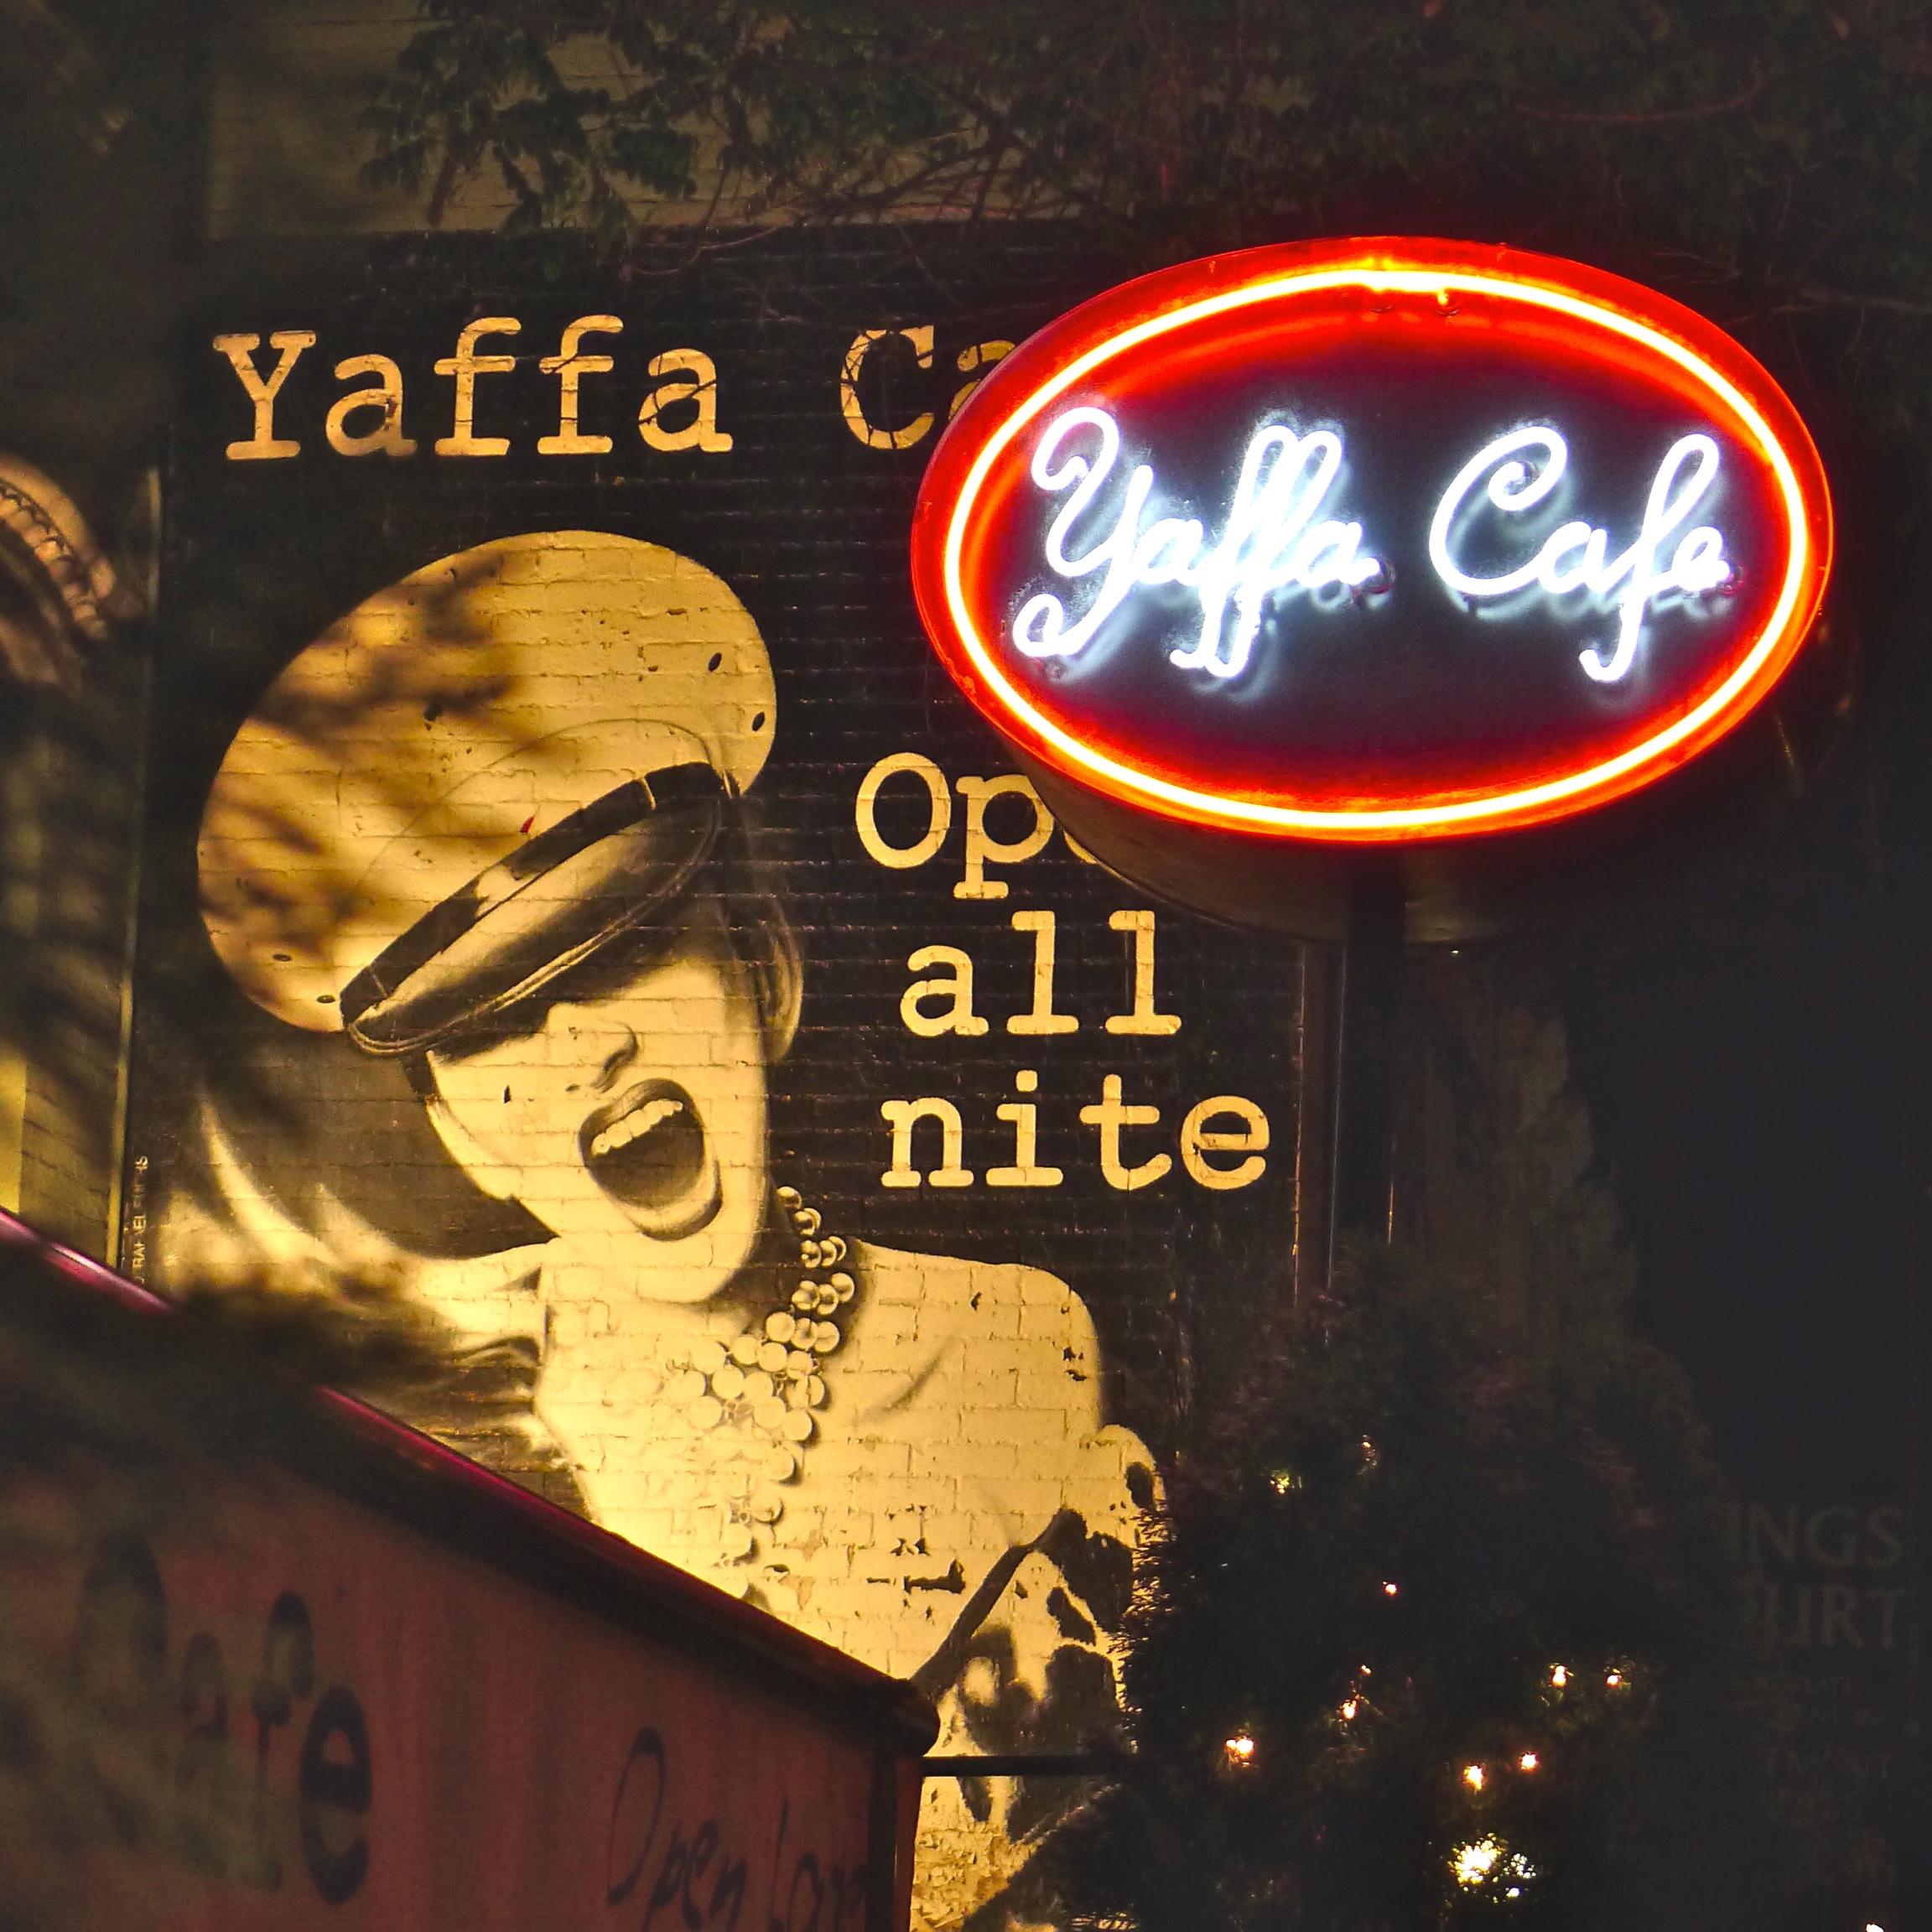 Yaffa_Cafe_sign